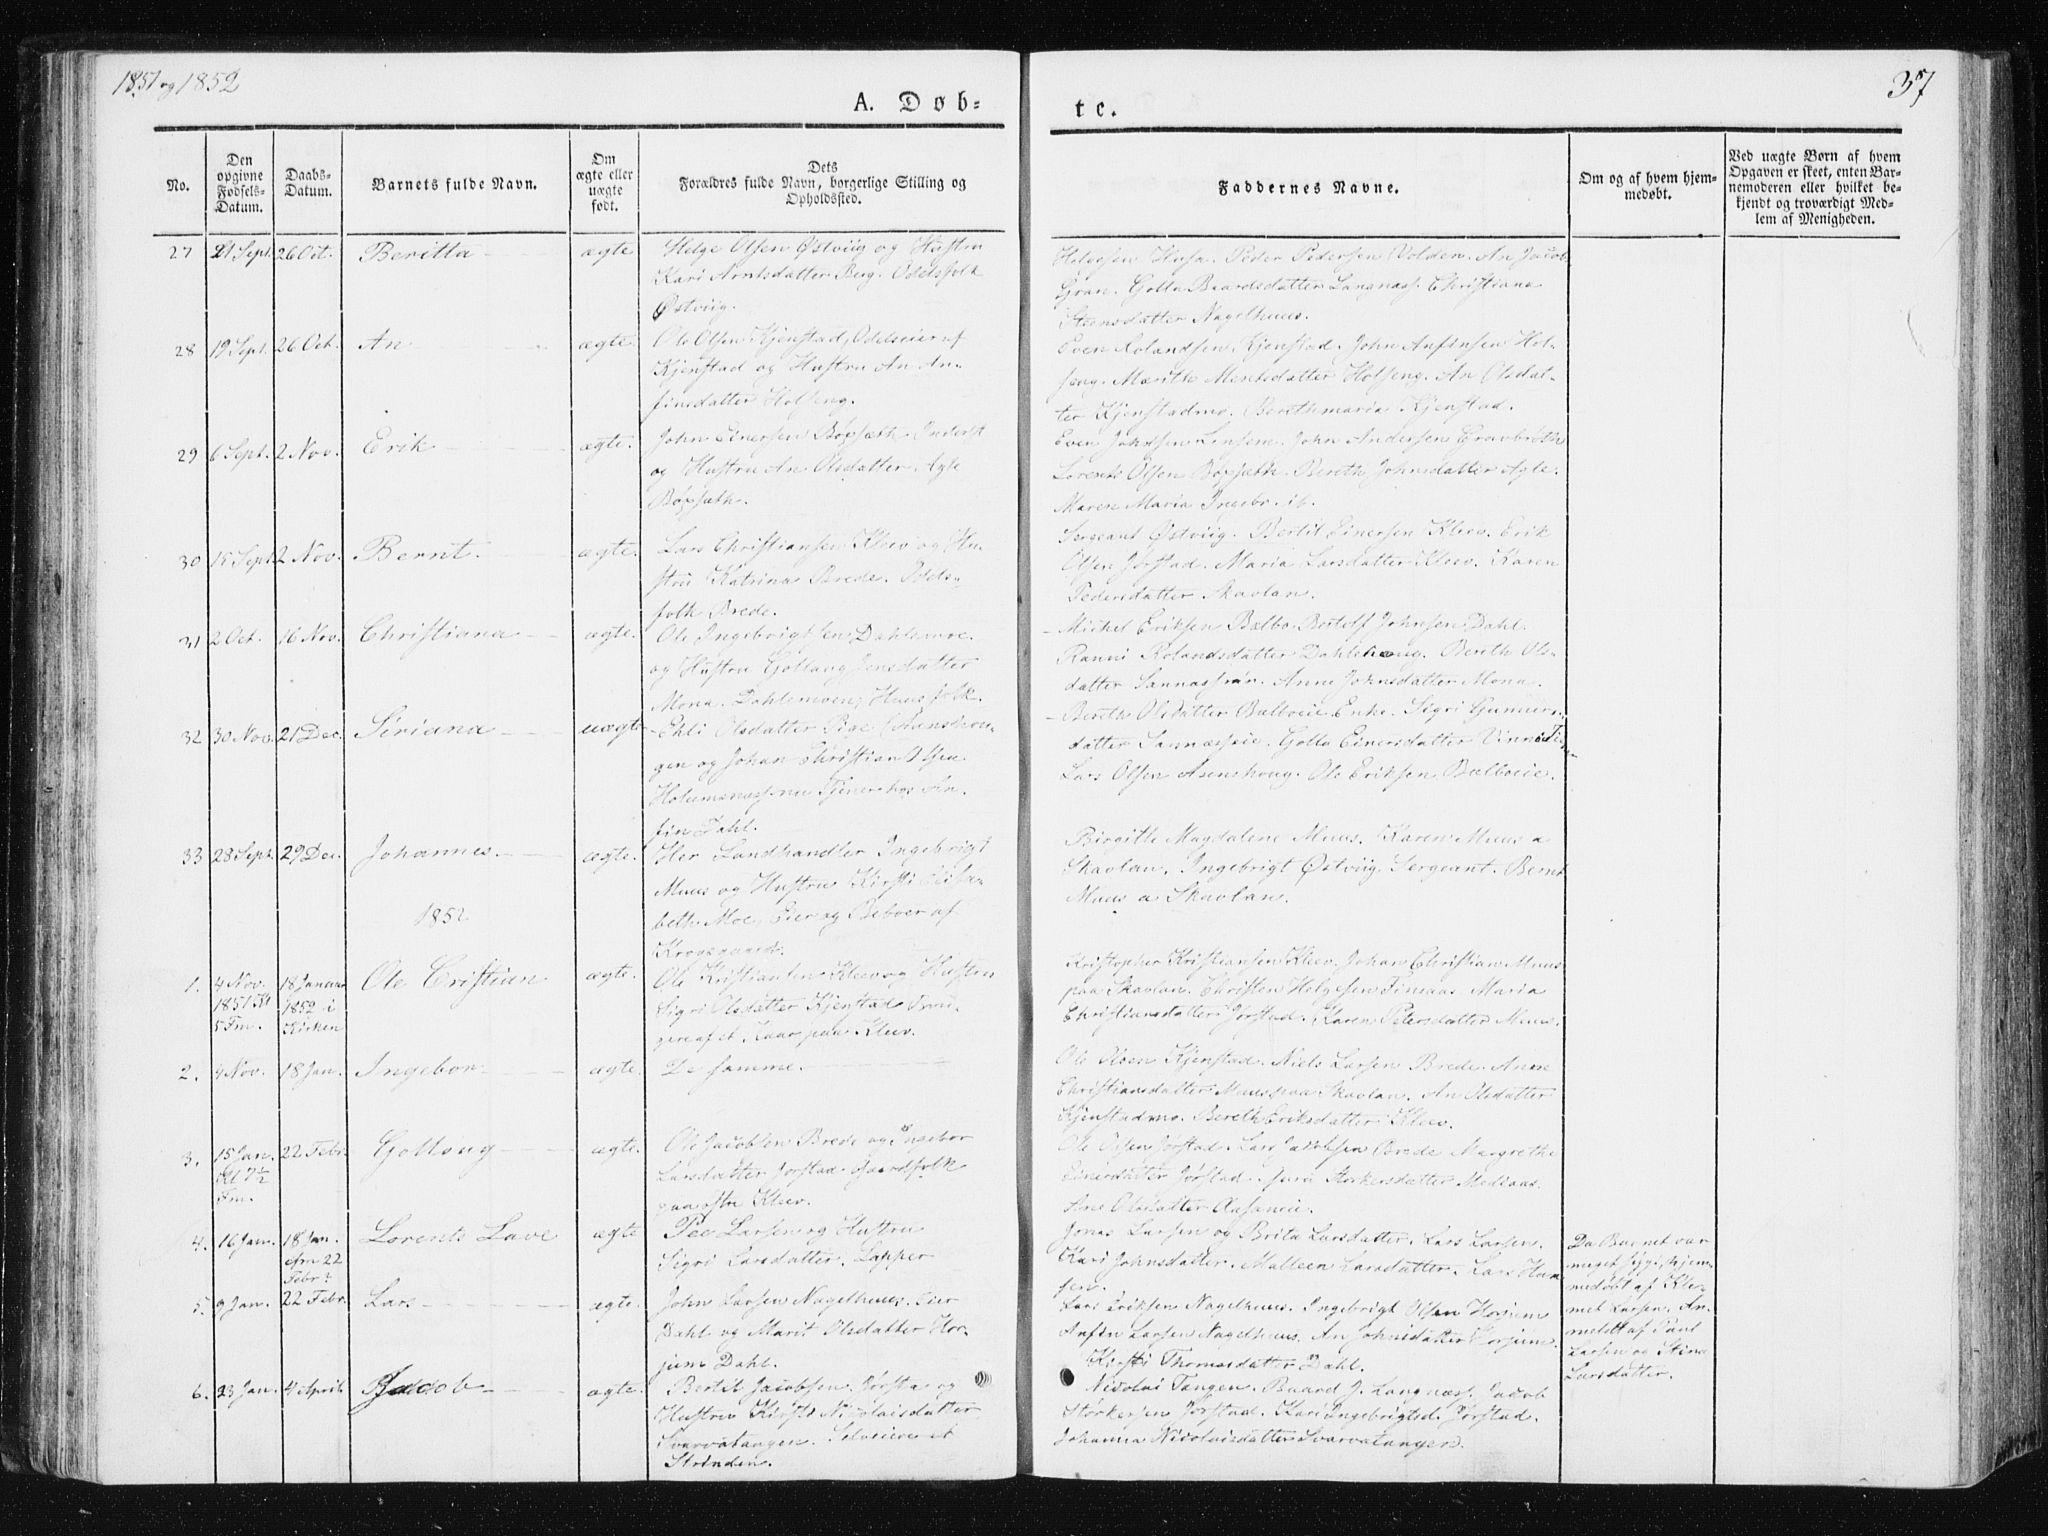 SAT, Ministerialprotokoller, klokkerbøker og fødselsregistre - Nord-Trøndelag, 749/L0470: Ministerialbok nr. 749A04, 1834-1853, s. 37